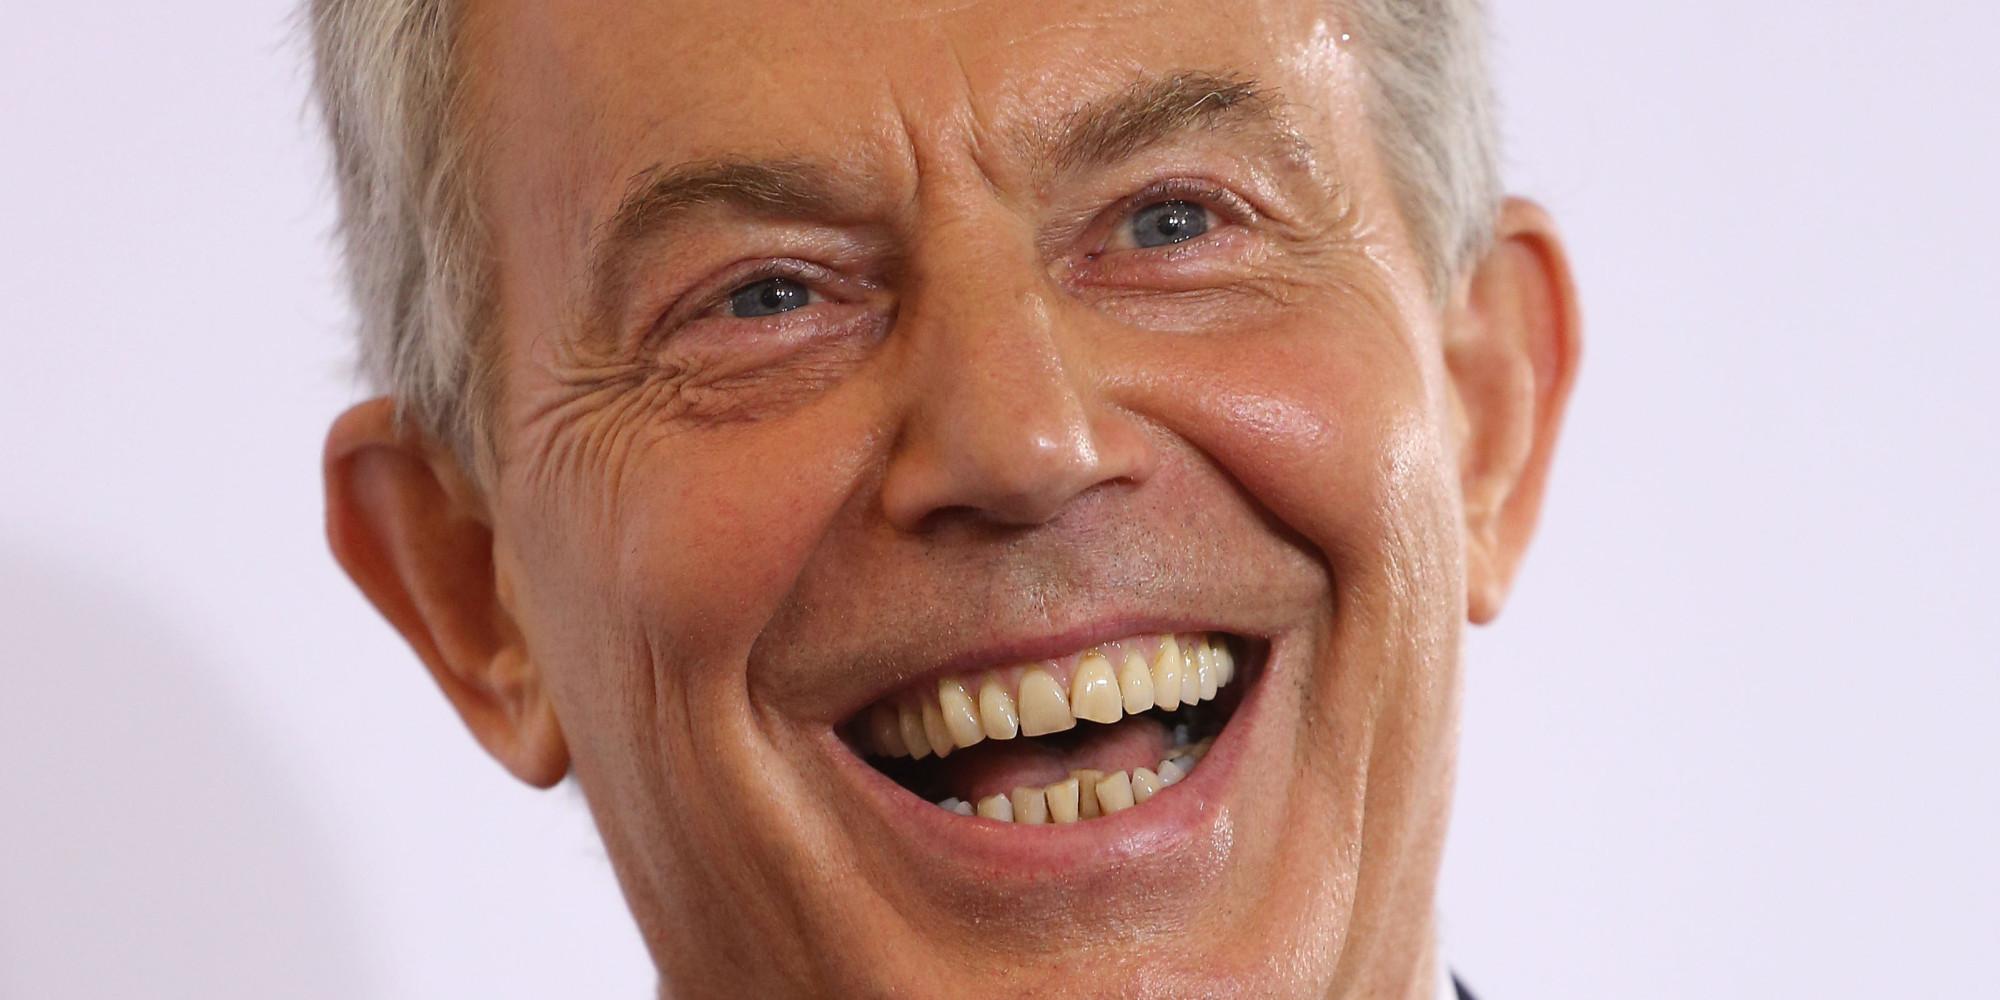 """Tony Blair: Masová migrace je """"pro zemi blahodárná"""", jelikož """"přináší čerstvou energii"""" a """"snižuje věk pracovní síly"""""""